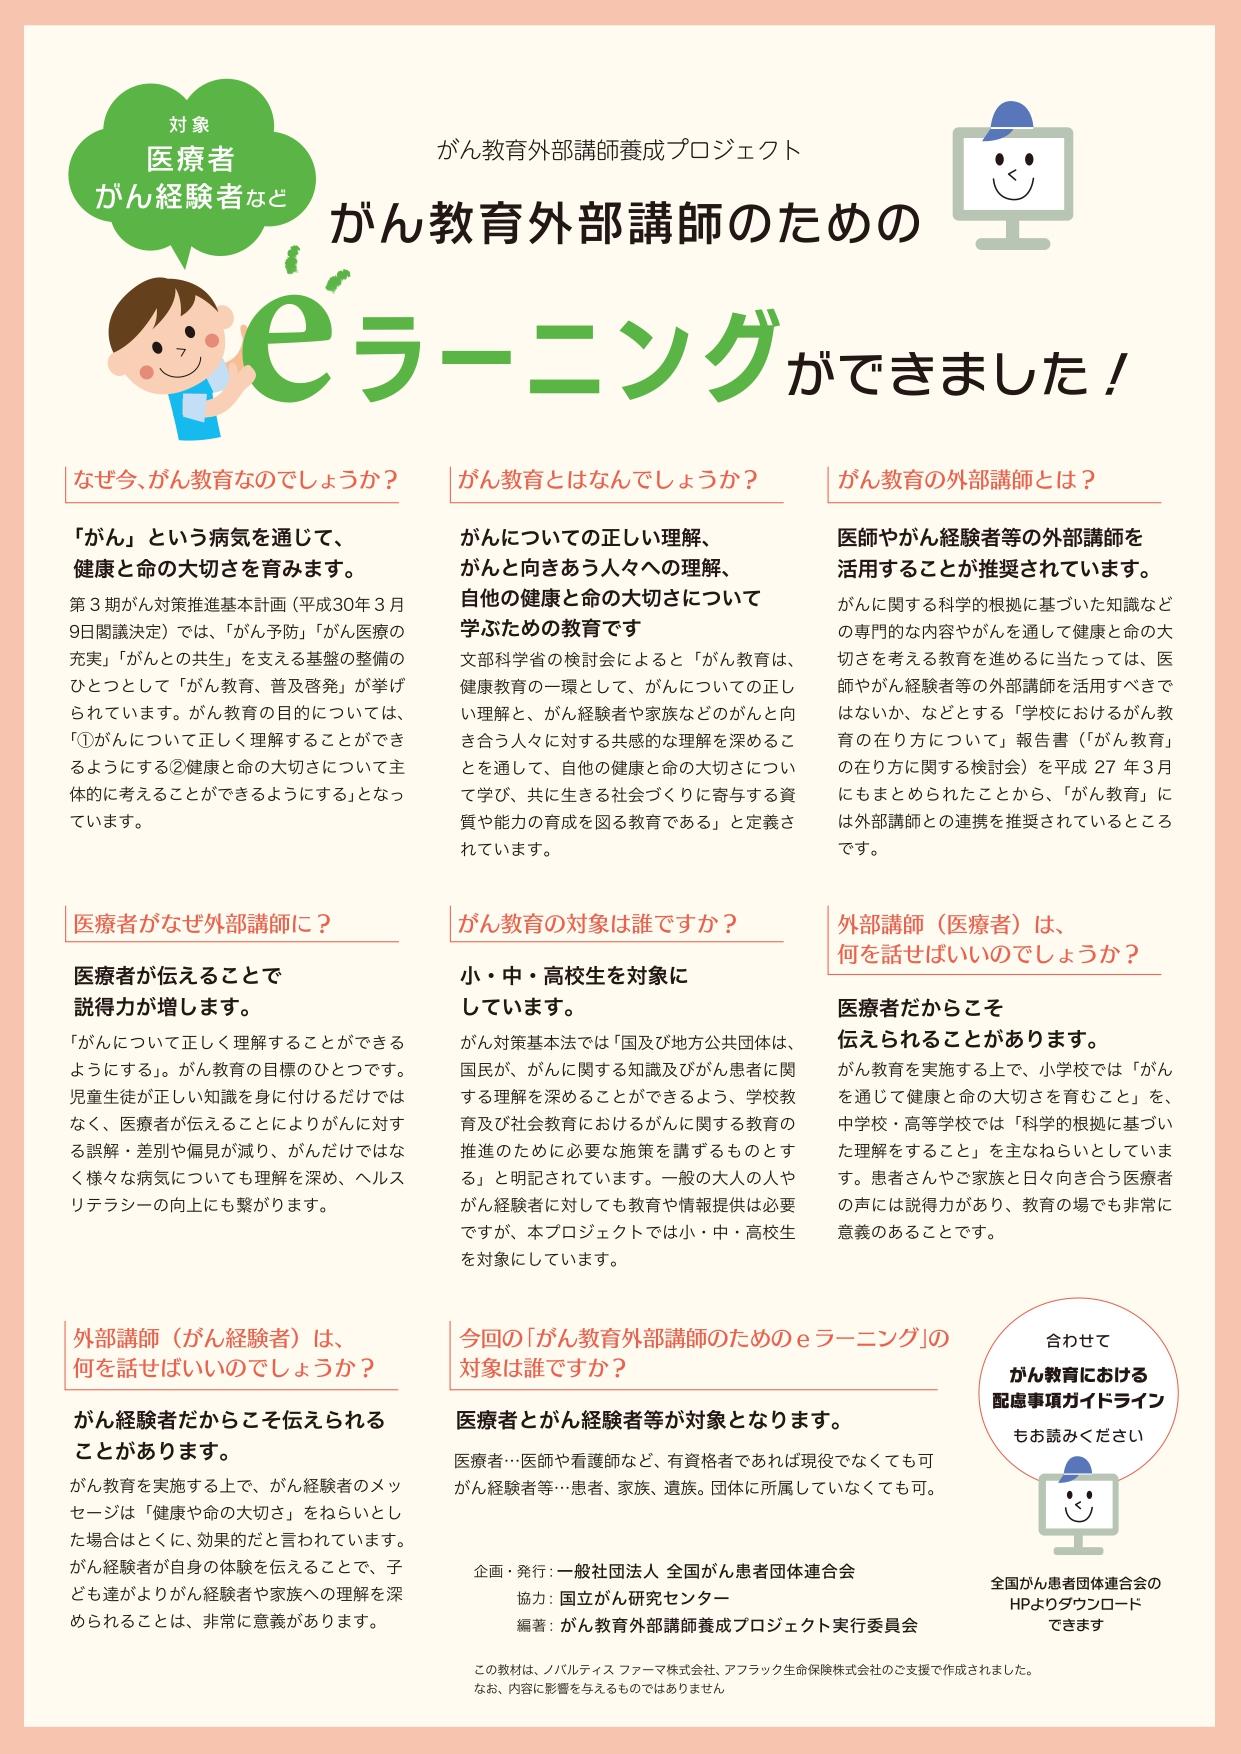 がん教育外部講師のためのeラーニング・チラシ(最終)_page-0001